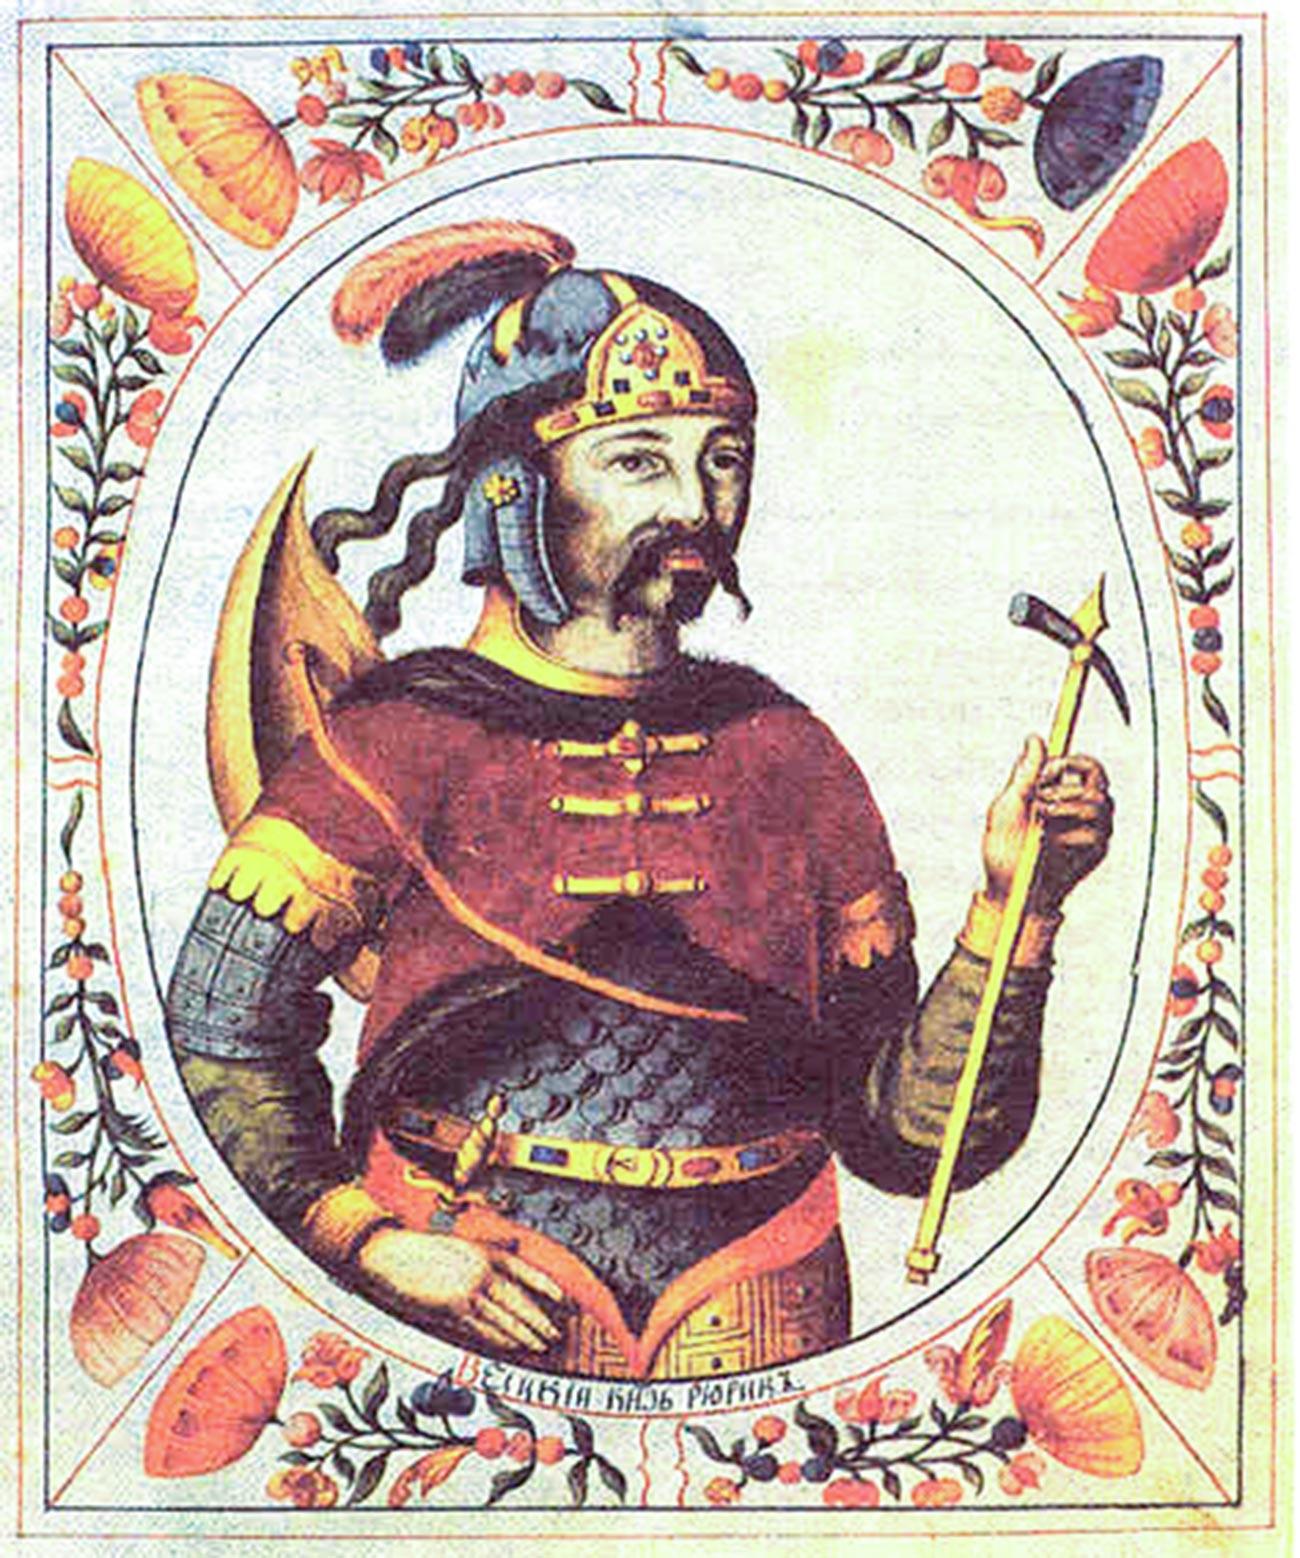 Rurik, een fictief portret uit de 17e eeuw.